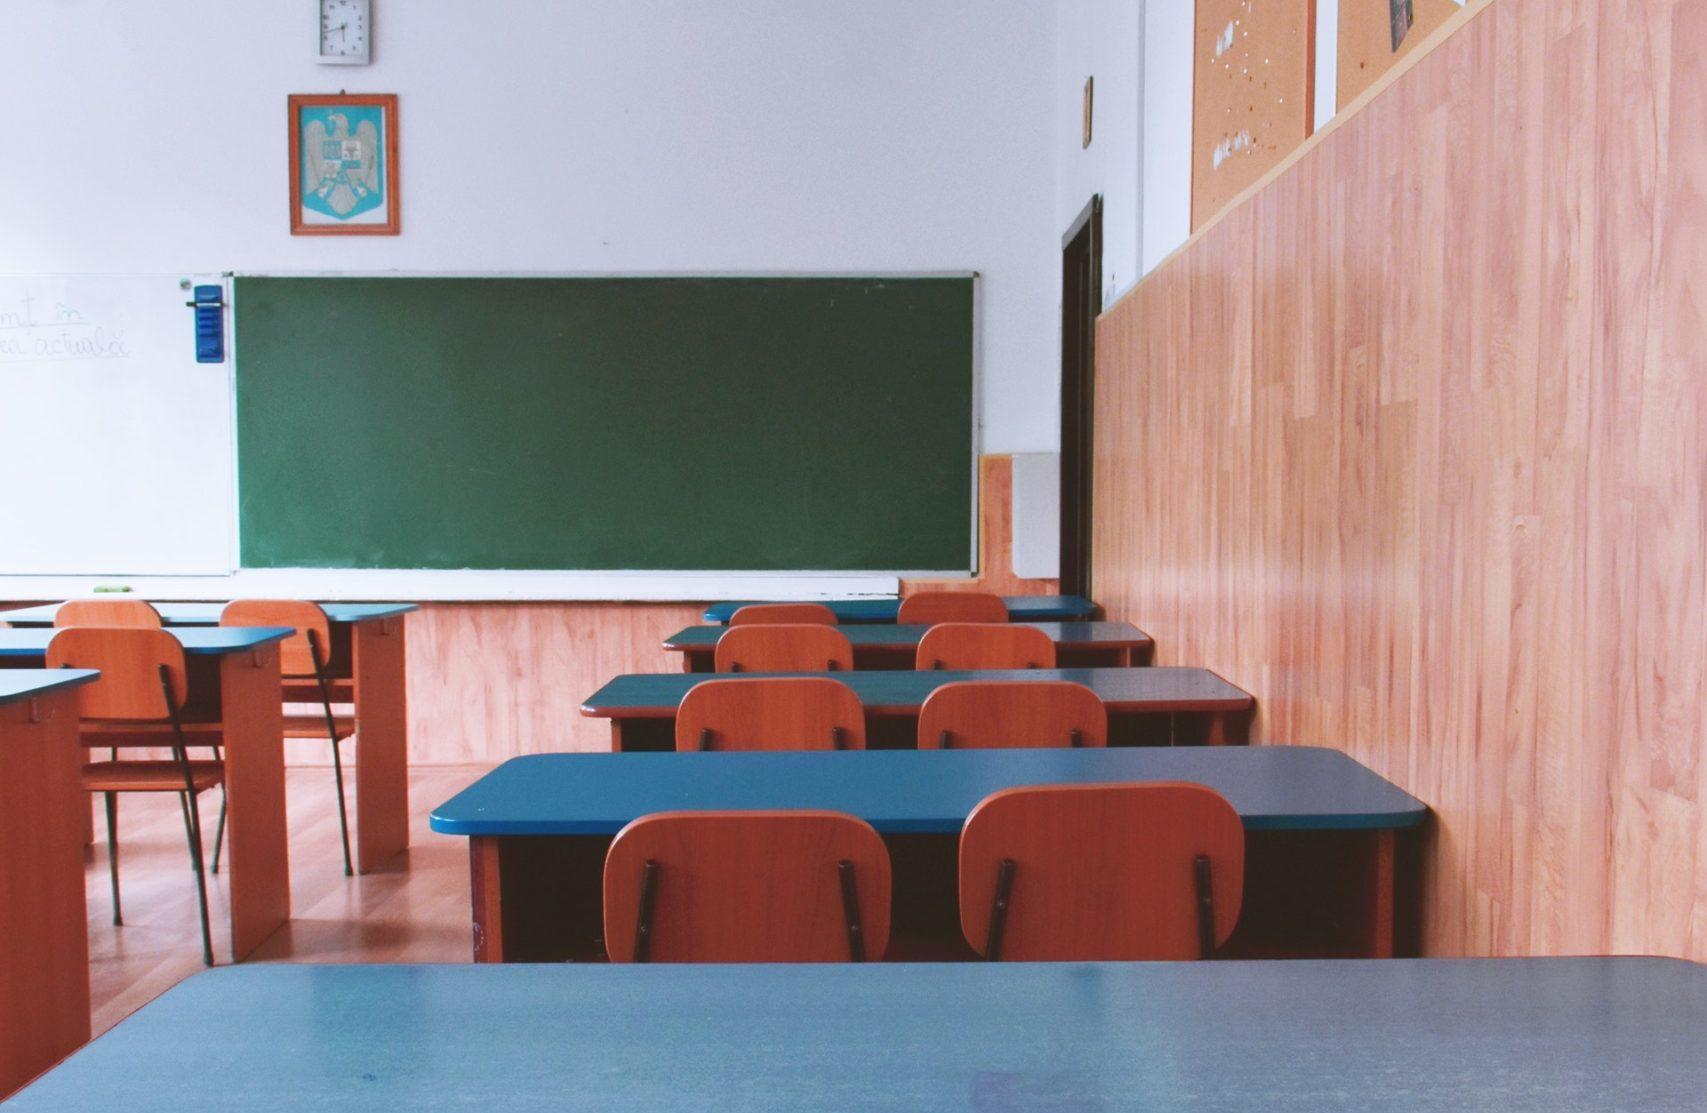 В одной из школ Новороссийска детей отправили на карантин и не сообщили, когда выходить